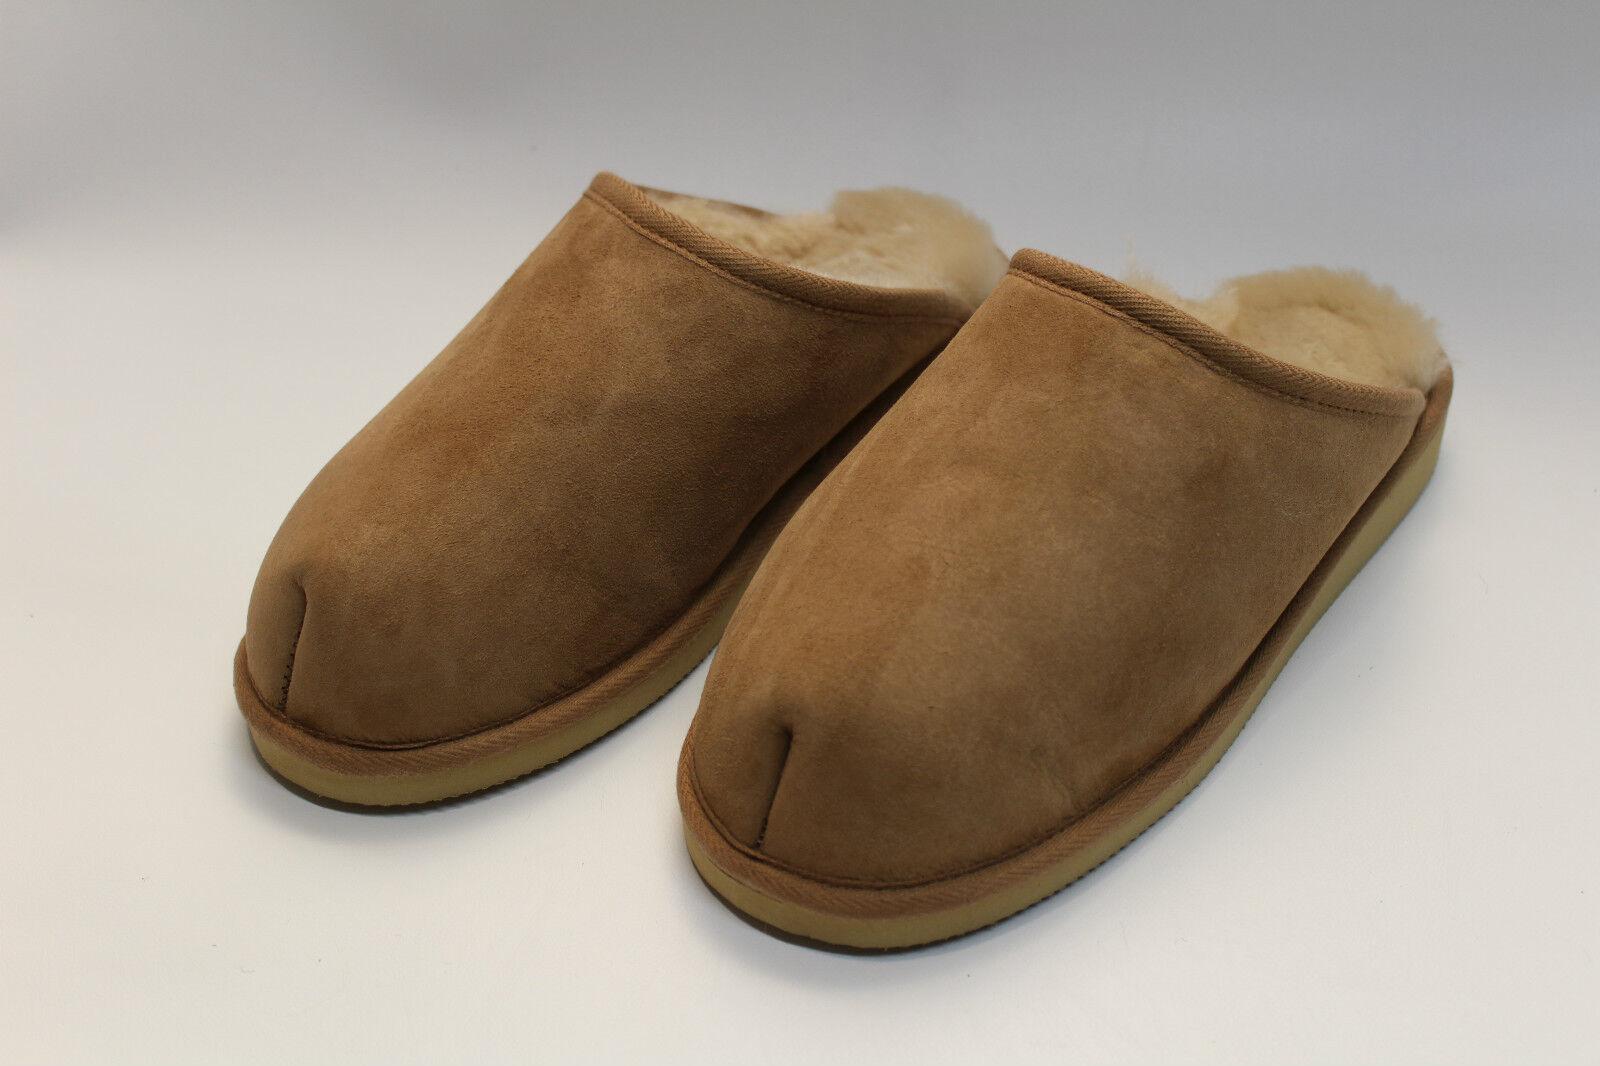 Zapatillas de casa, zapatillas en auténtico cordero cordero auténtico con suela, marrón oscuro 37-46 32cefd